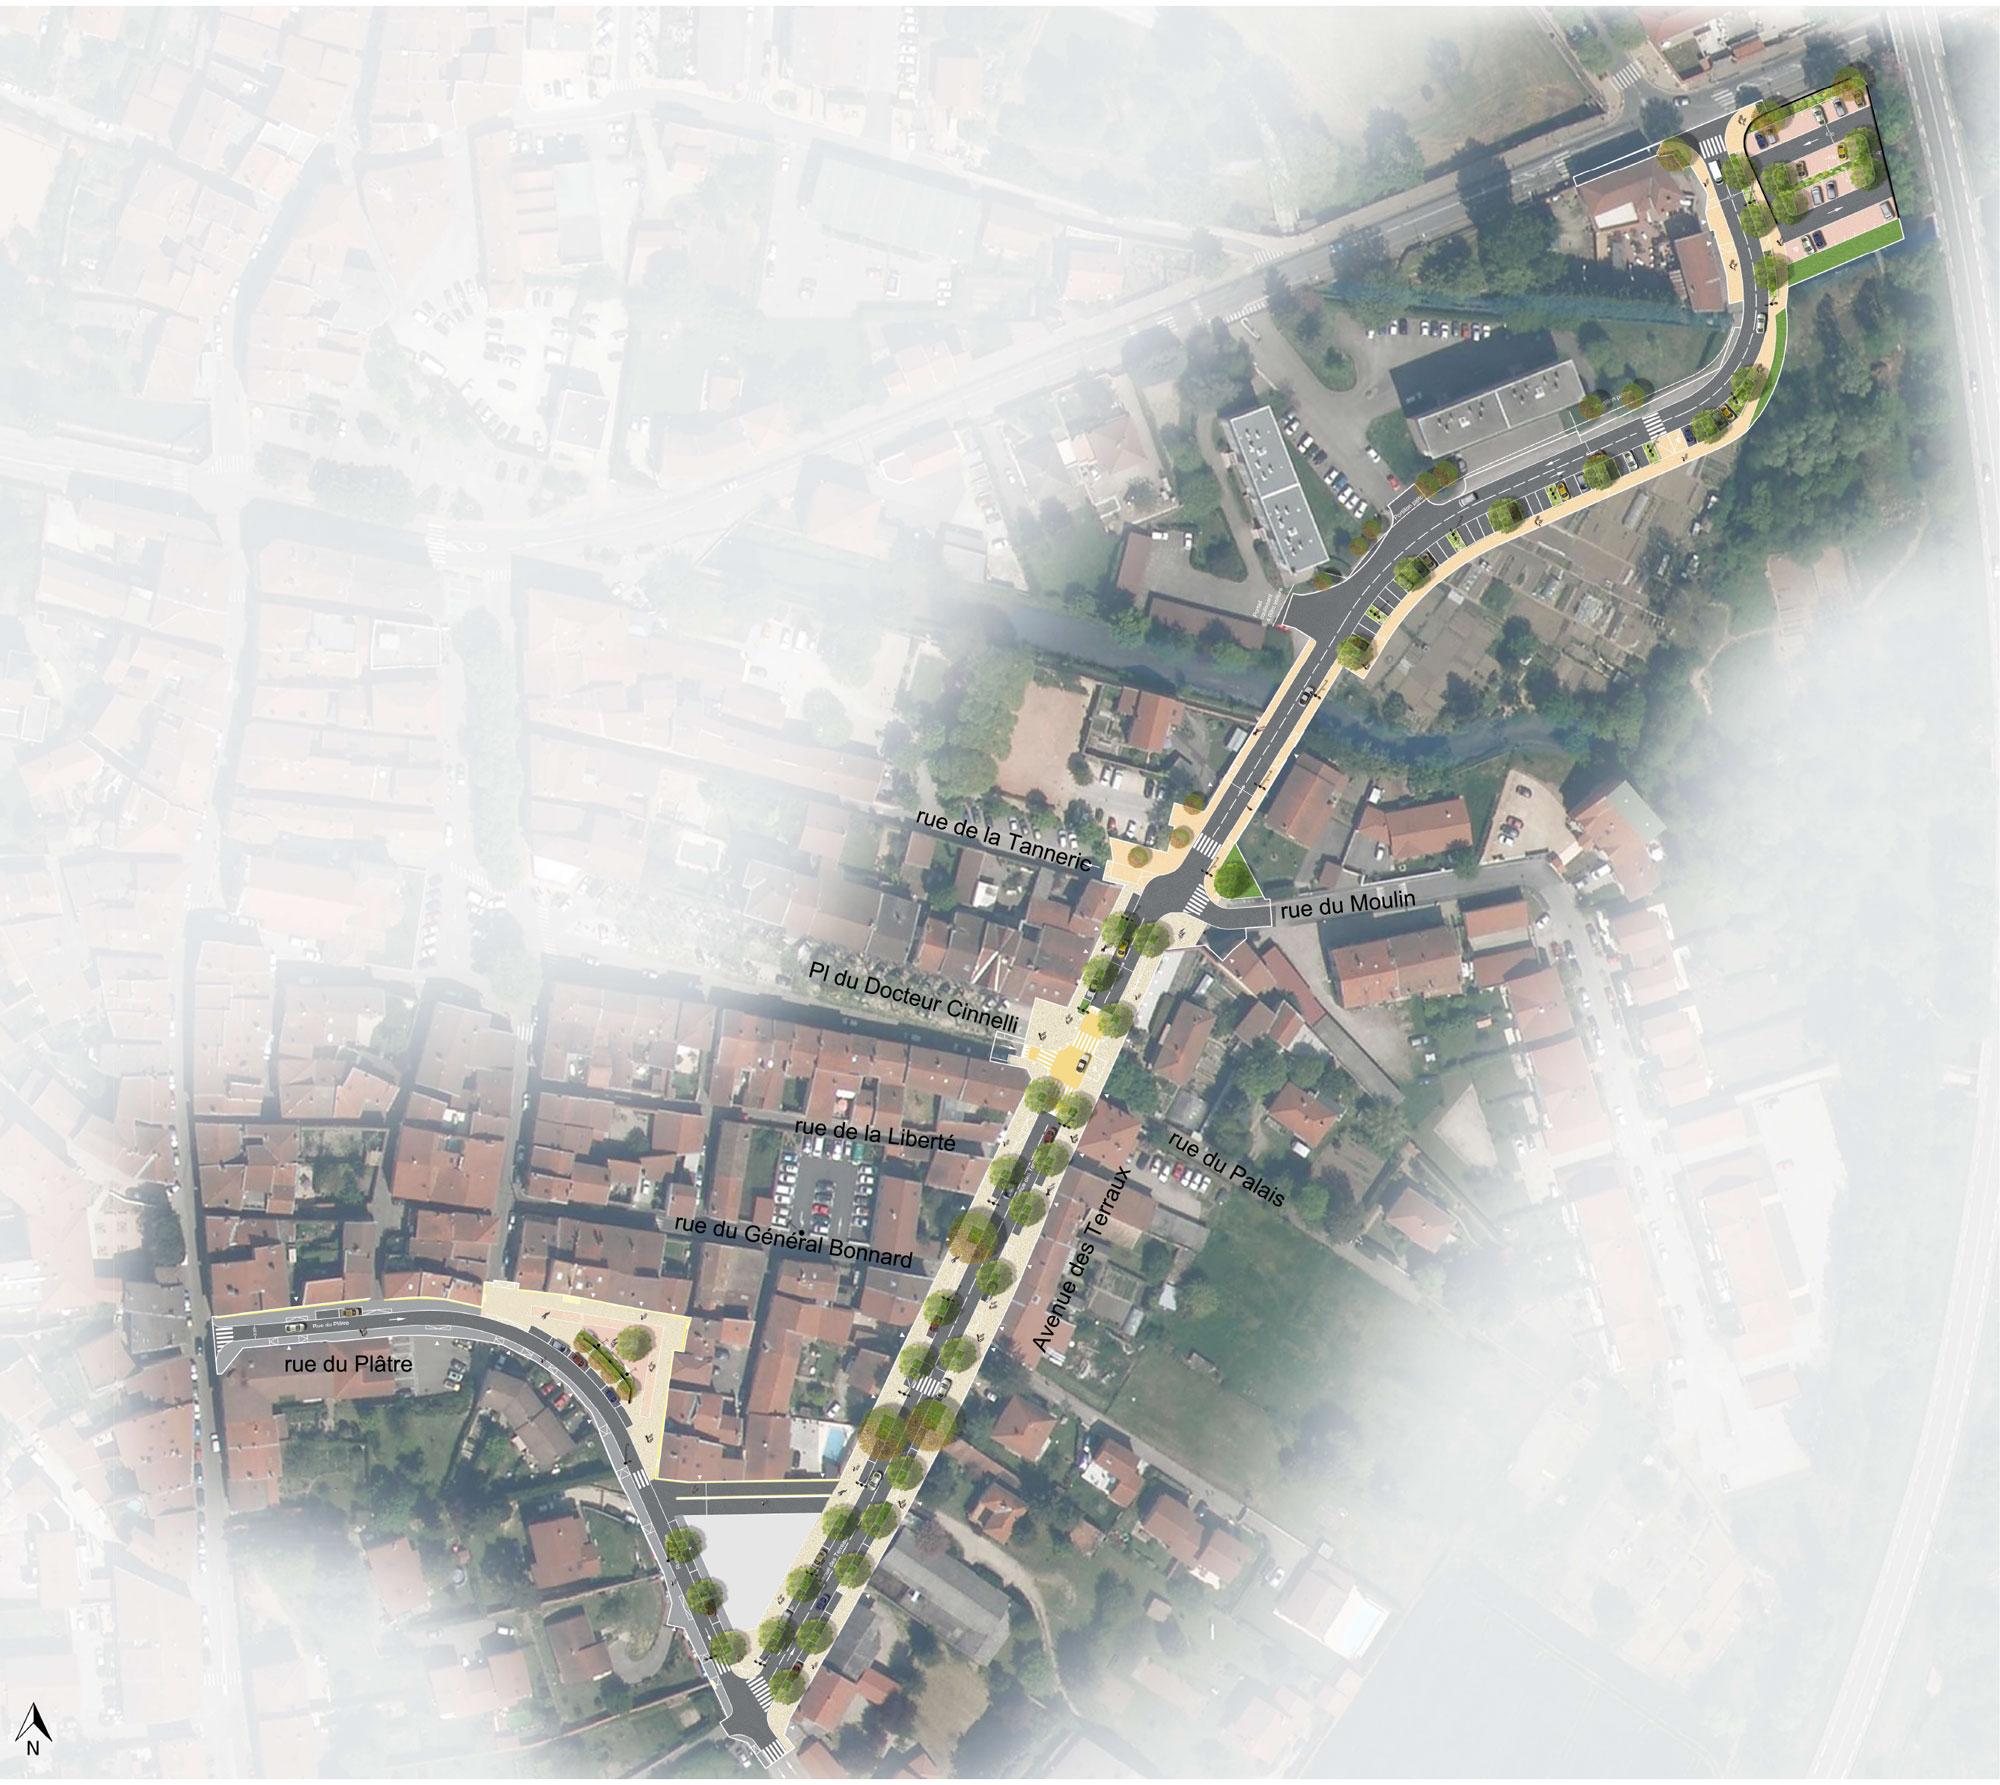 Projets d'aménagement de l'avenue des Terreaux à Saint-Symphorien-d'Ozon